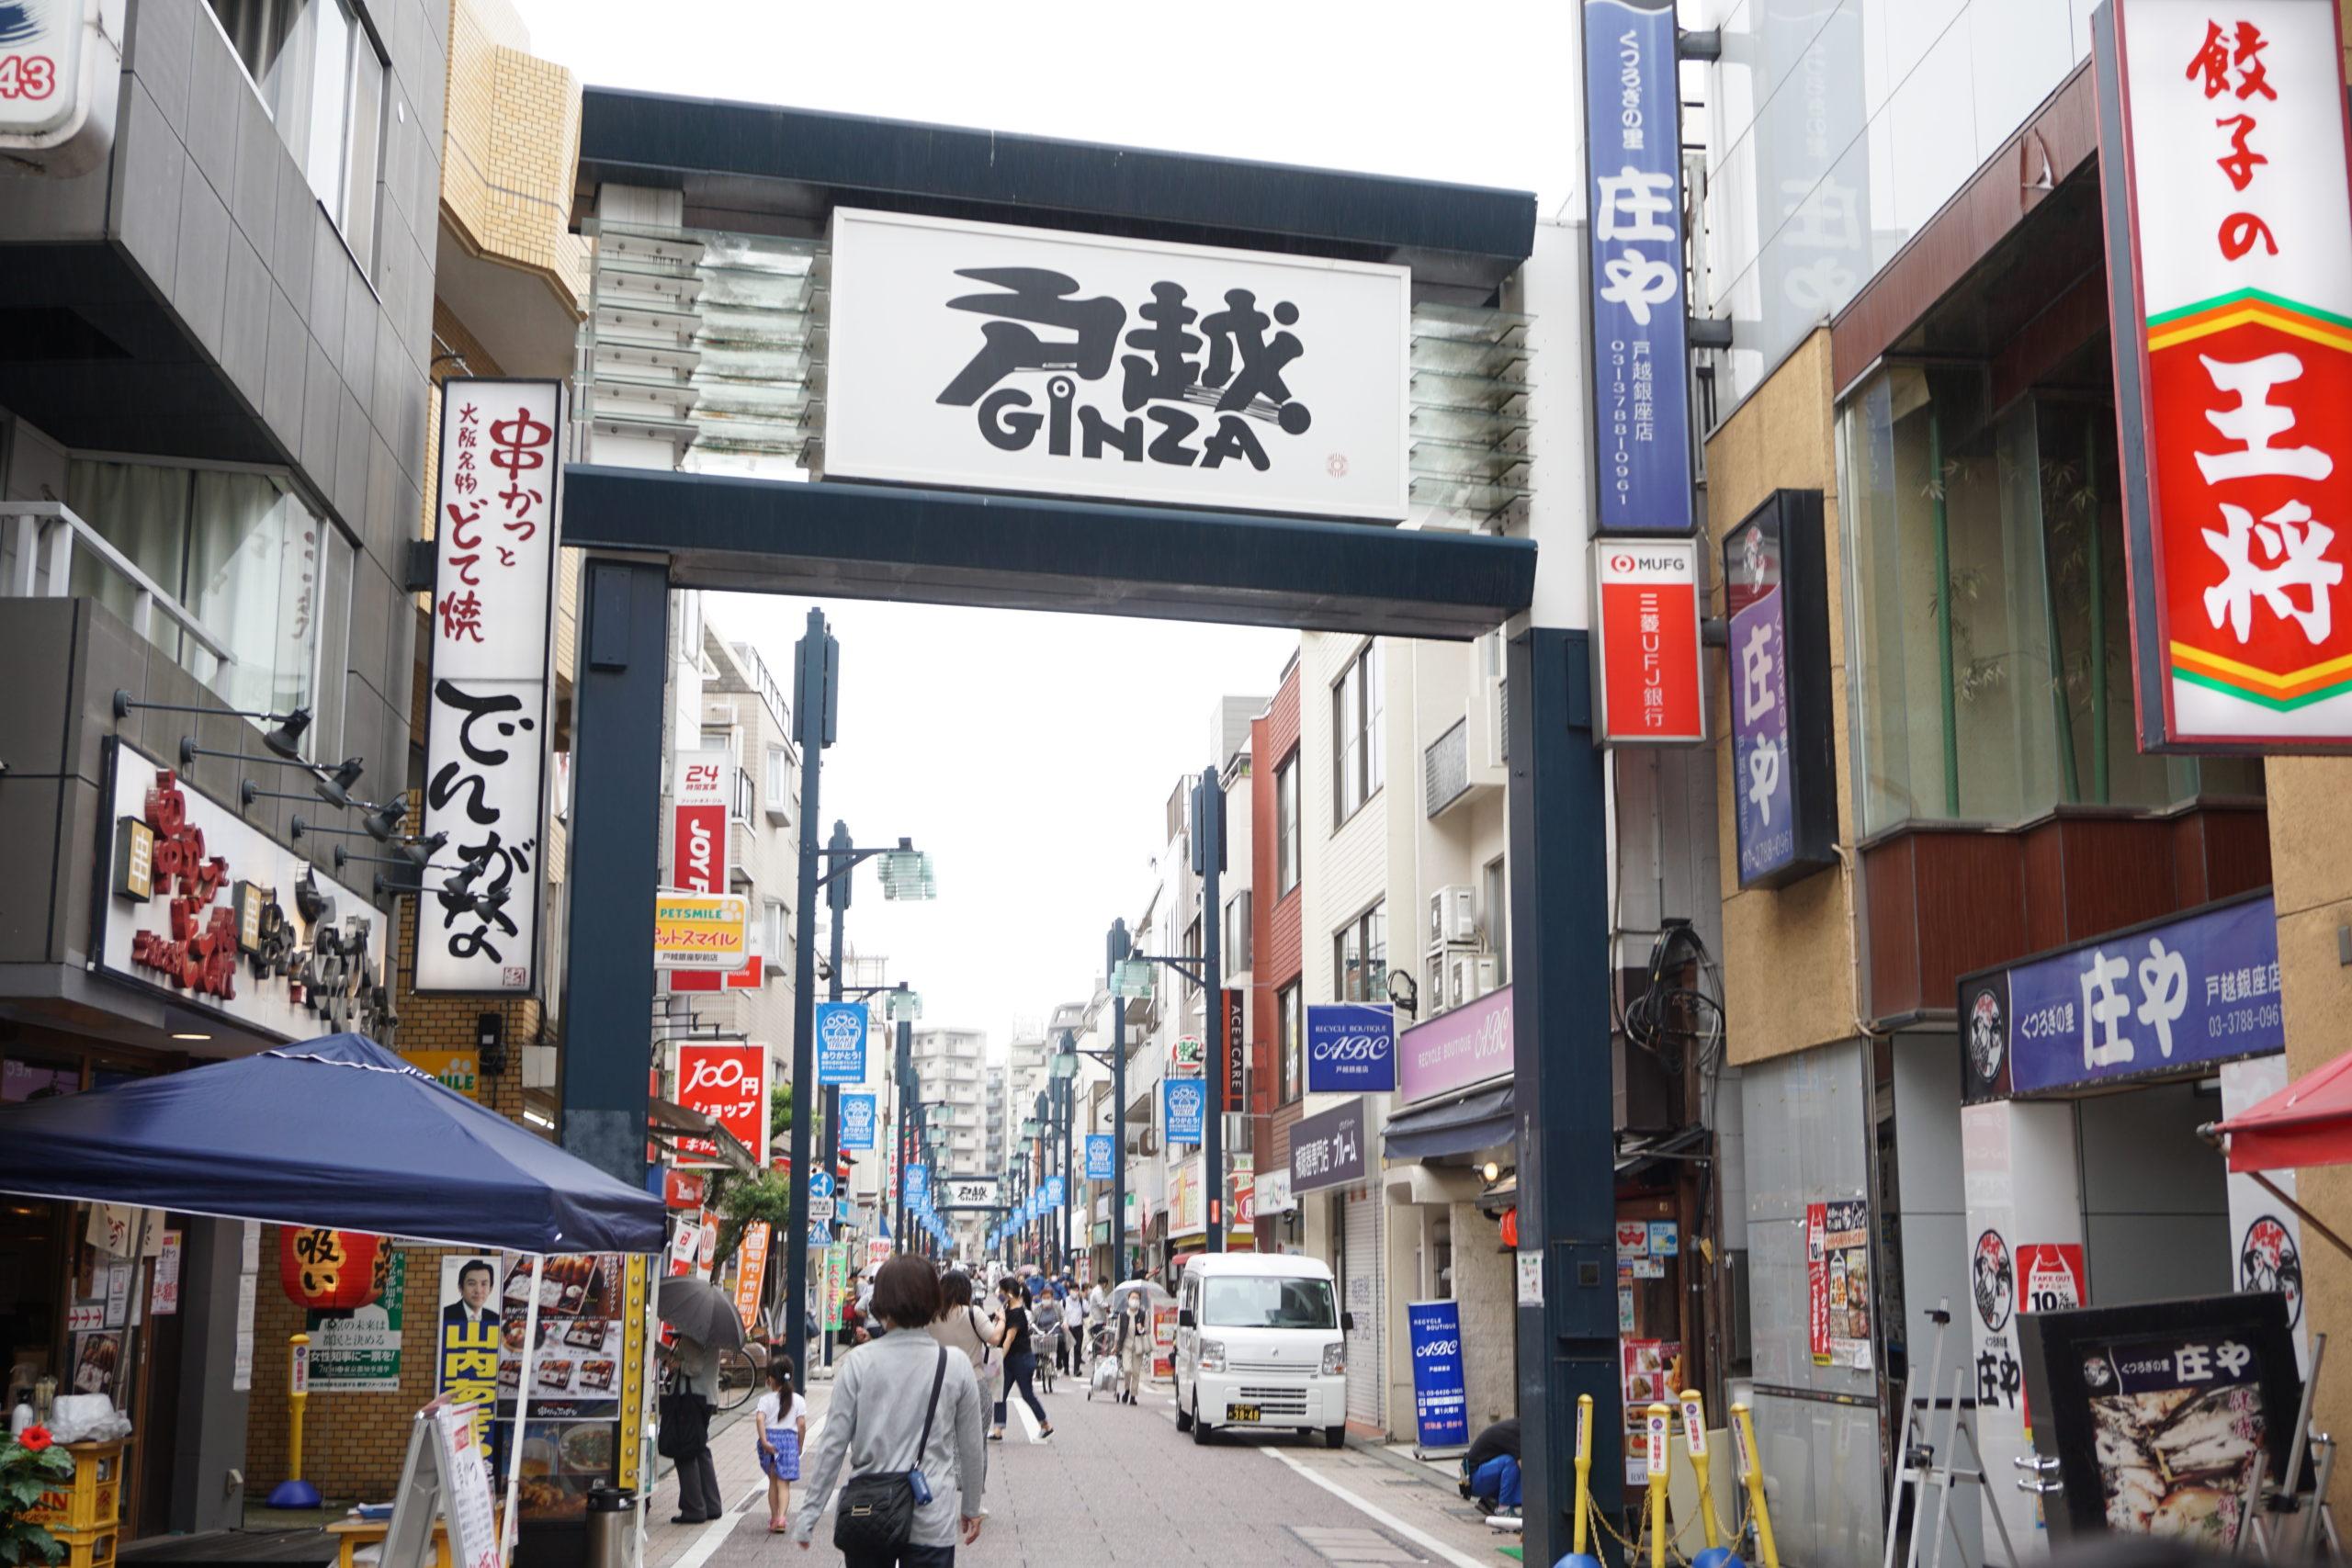 東京一長いで有名!「戸越銀座商店街」で食べ歩きさんぽ